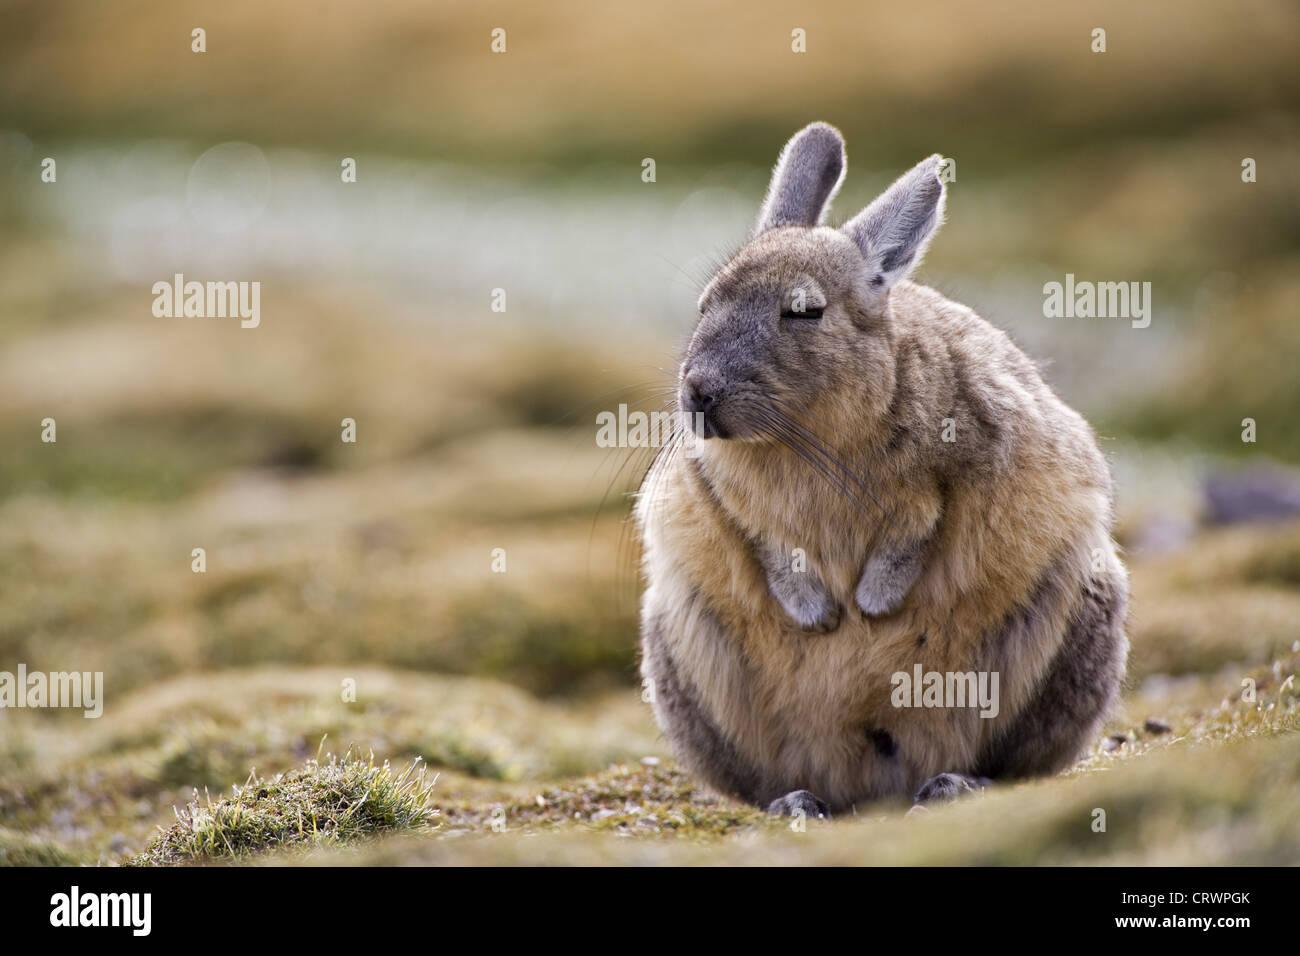 Viscacha - Stock Image